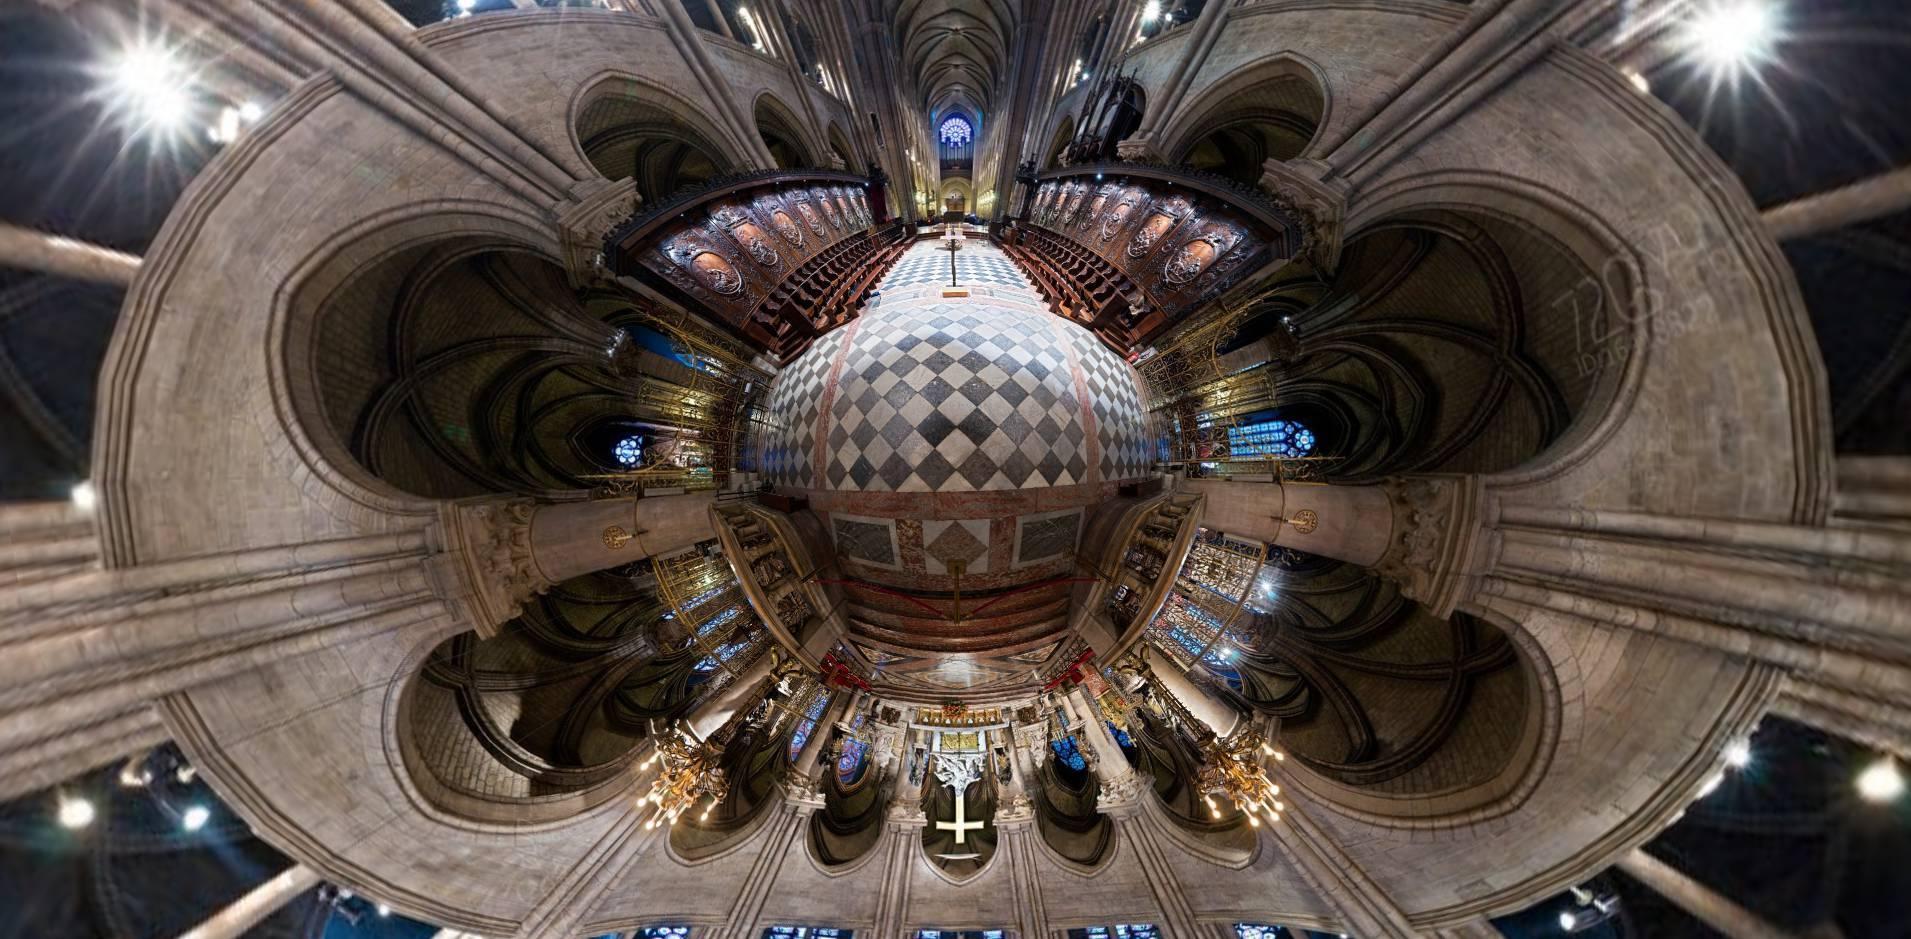 2个全景网站在线看巴黎圣母院!